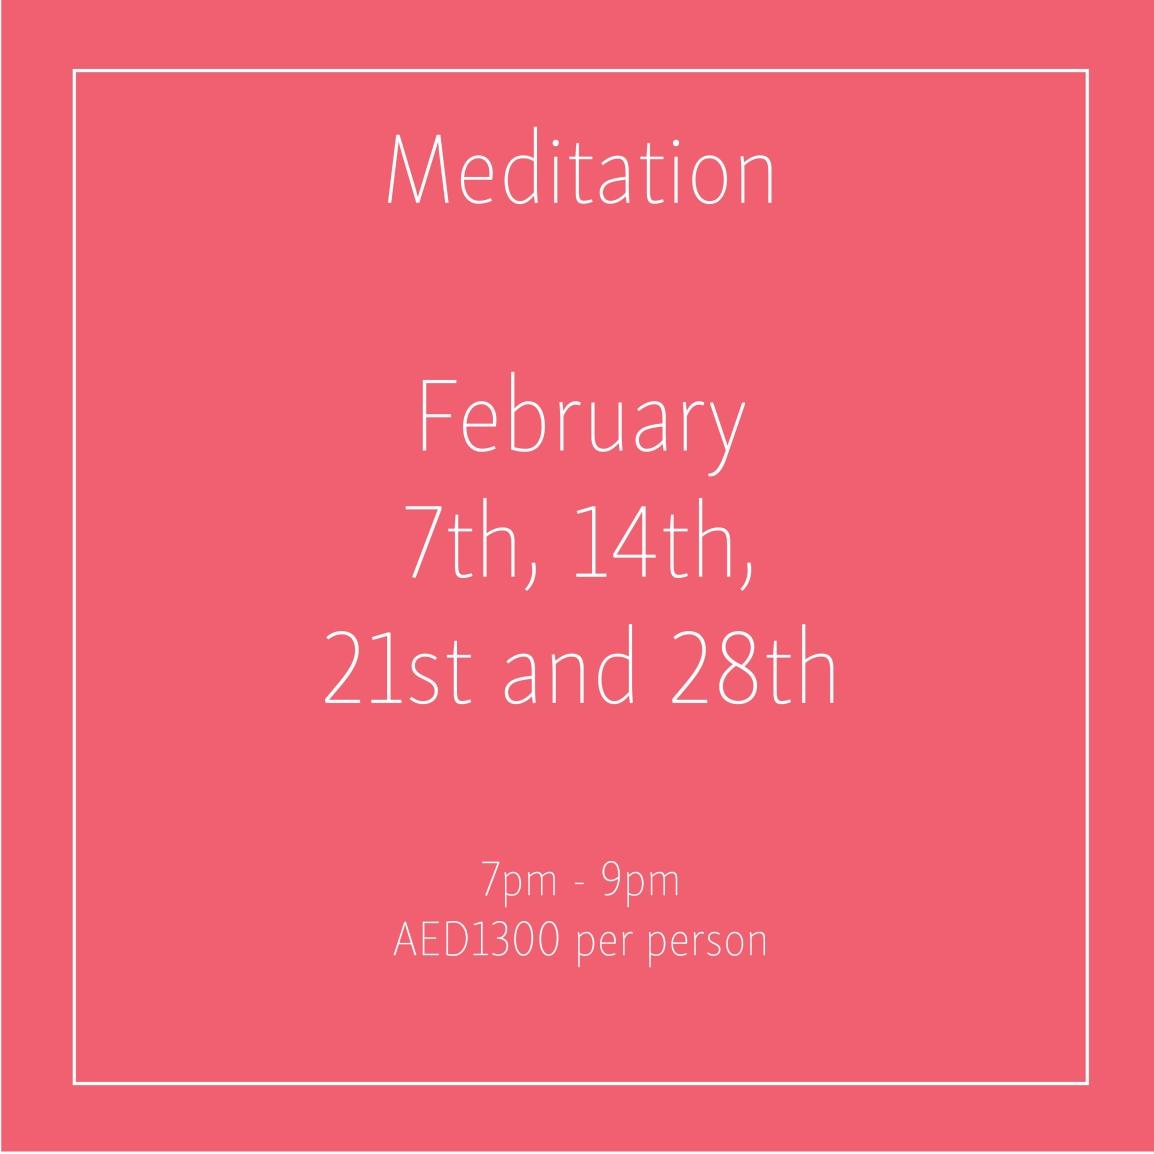 Meditation February_Social Media Art 1